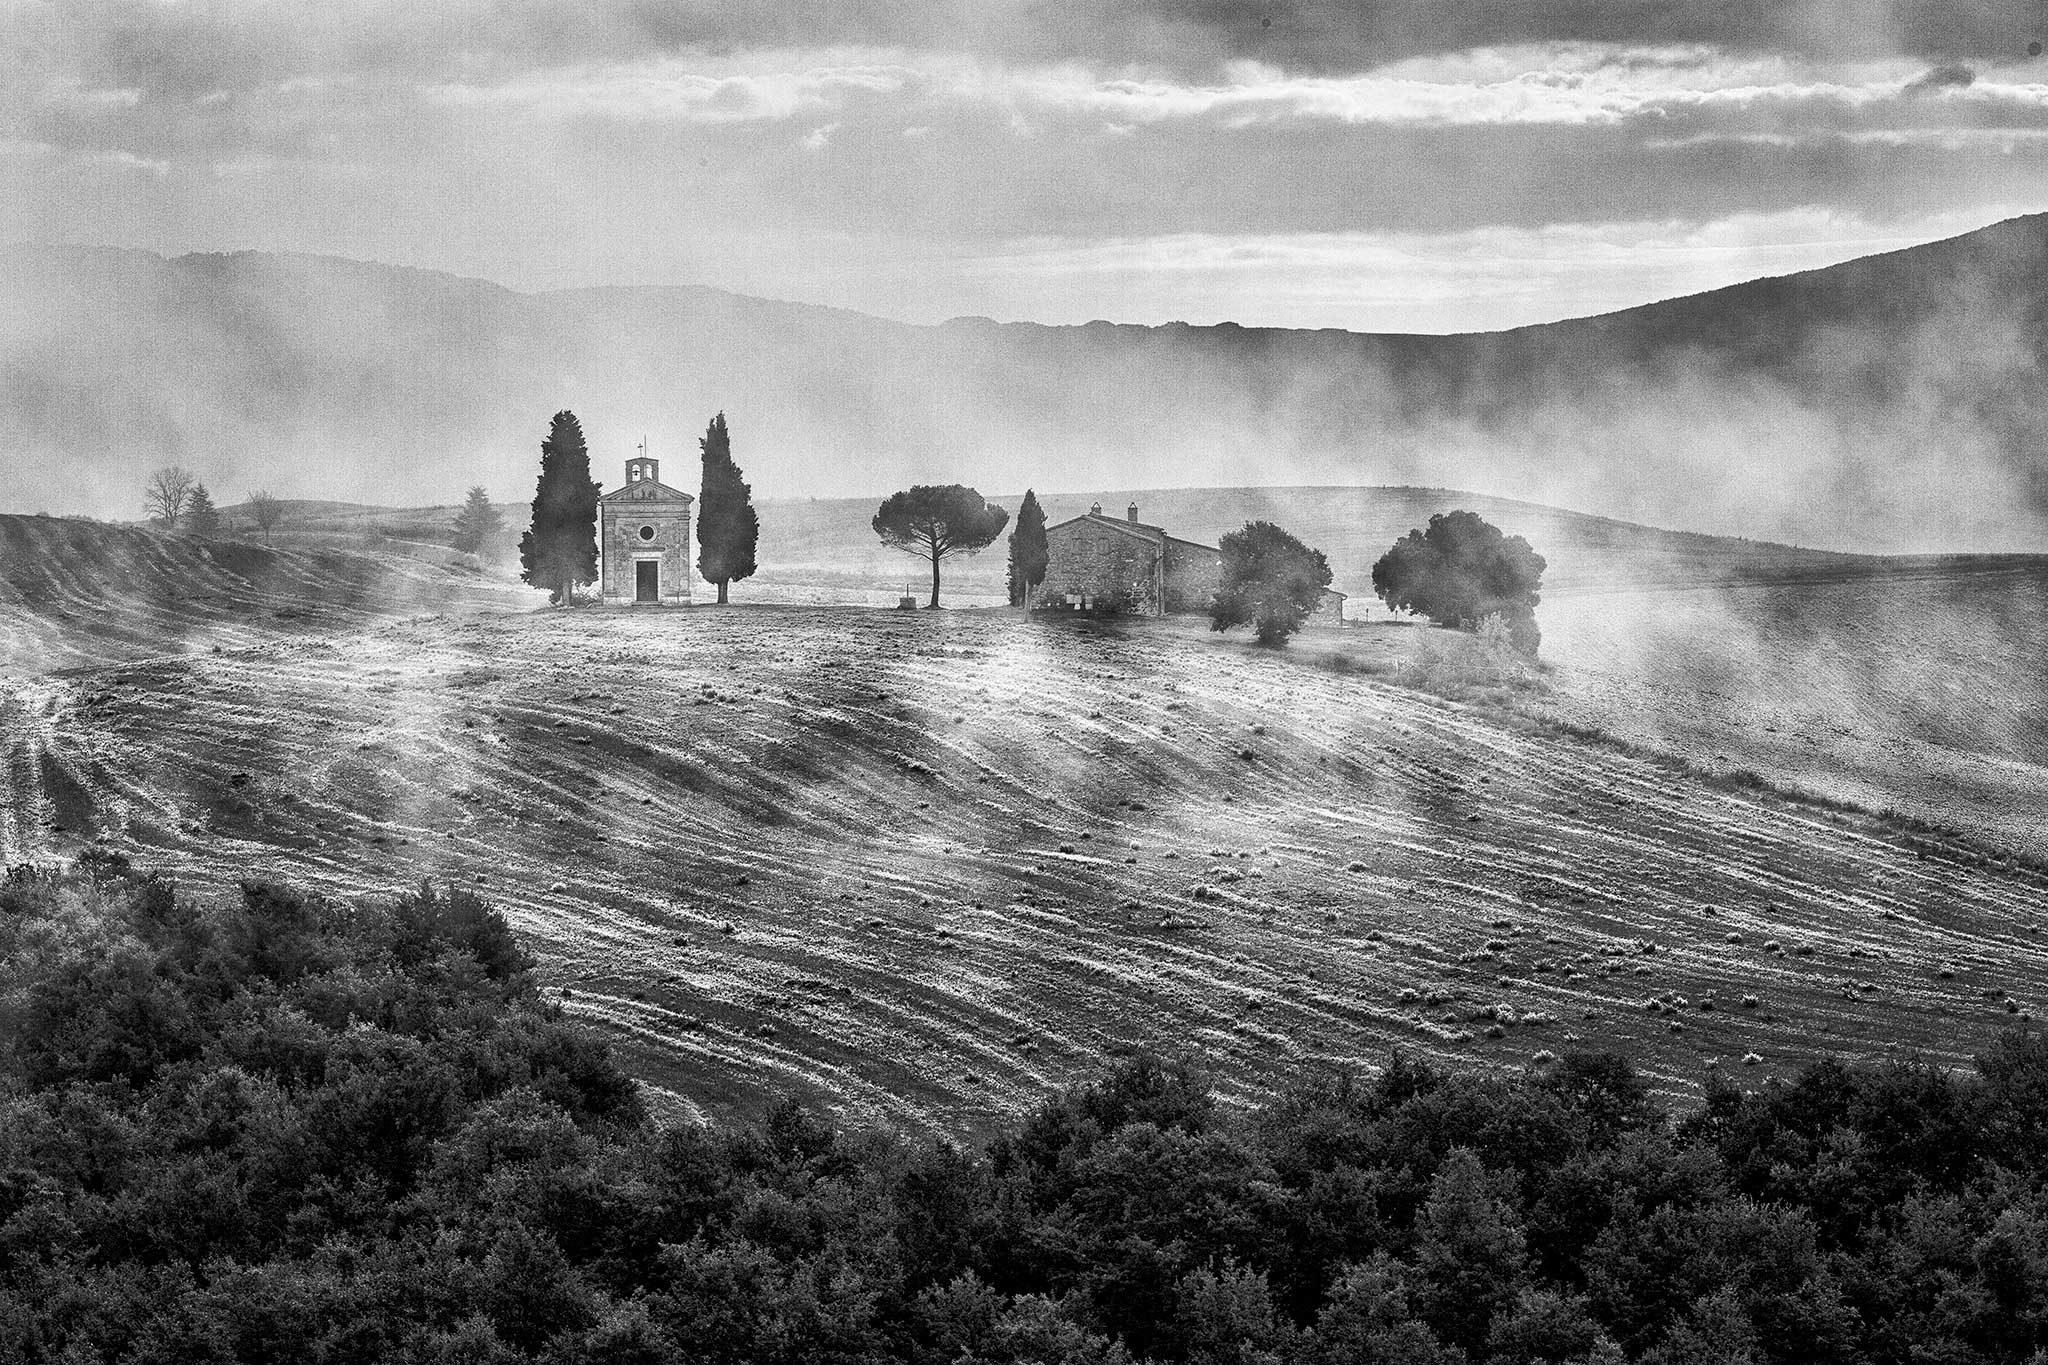 Toskana, Herbst, Workshop, Workshops, Fotografie, Panorama, Photography, Ernst Merkhofer, Fotograf